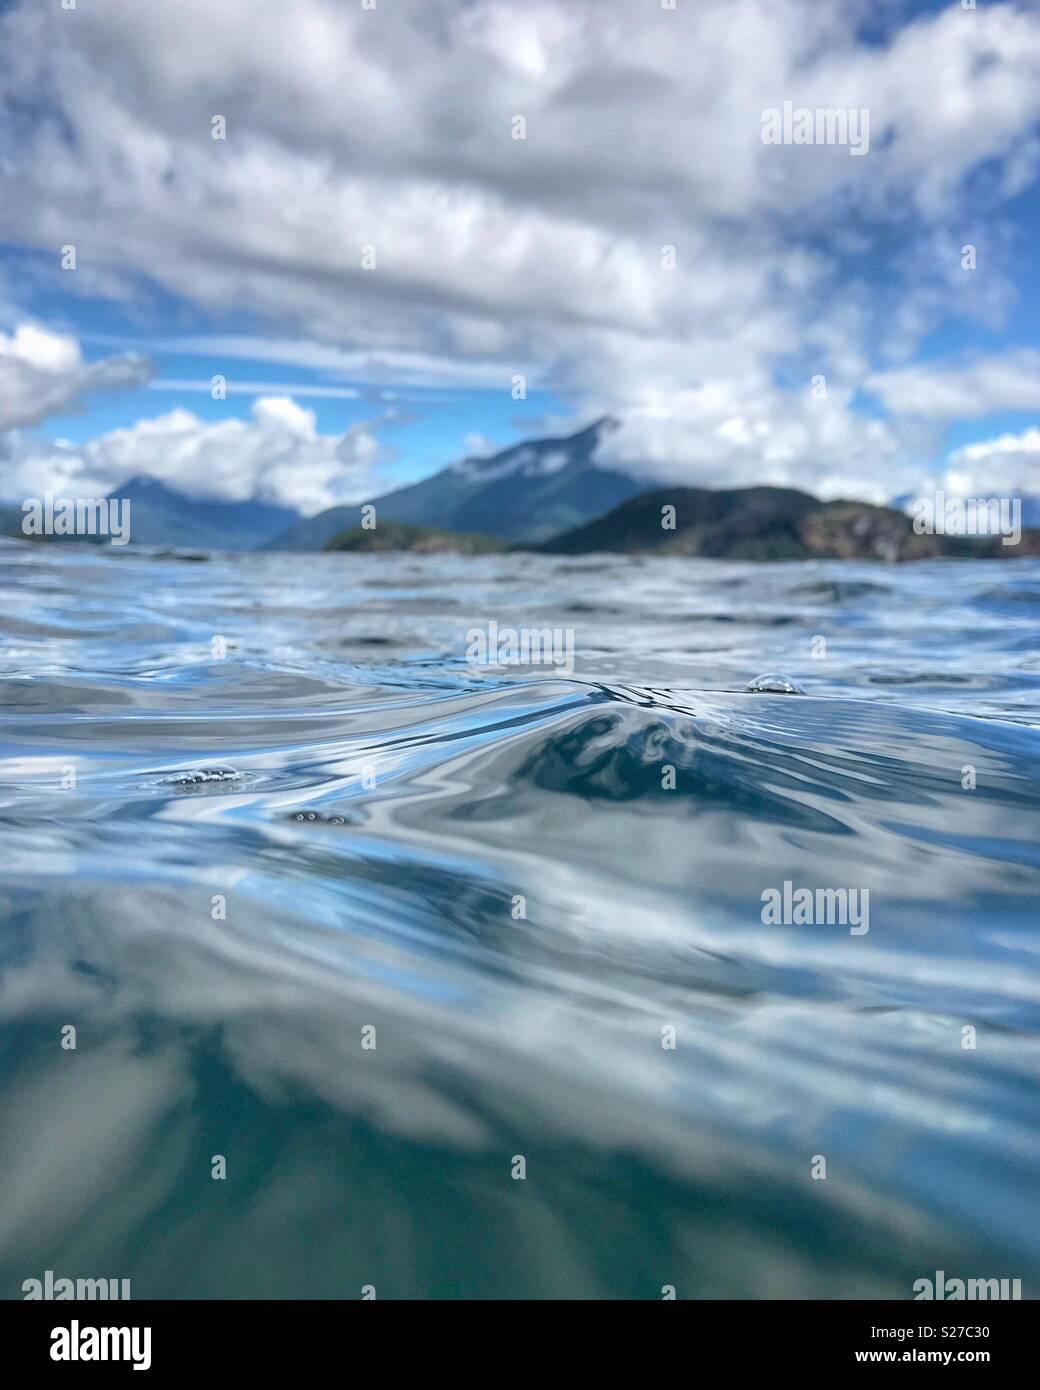 Una vista de desolación sonido de nivel de agua, con una sensación de movimiento y una vista de las montañas y el cielo en el fondo. Imagen De Stock